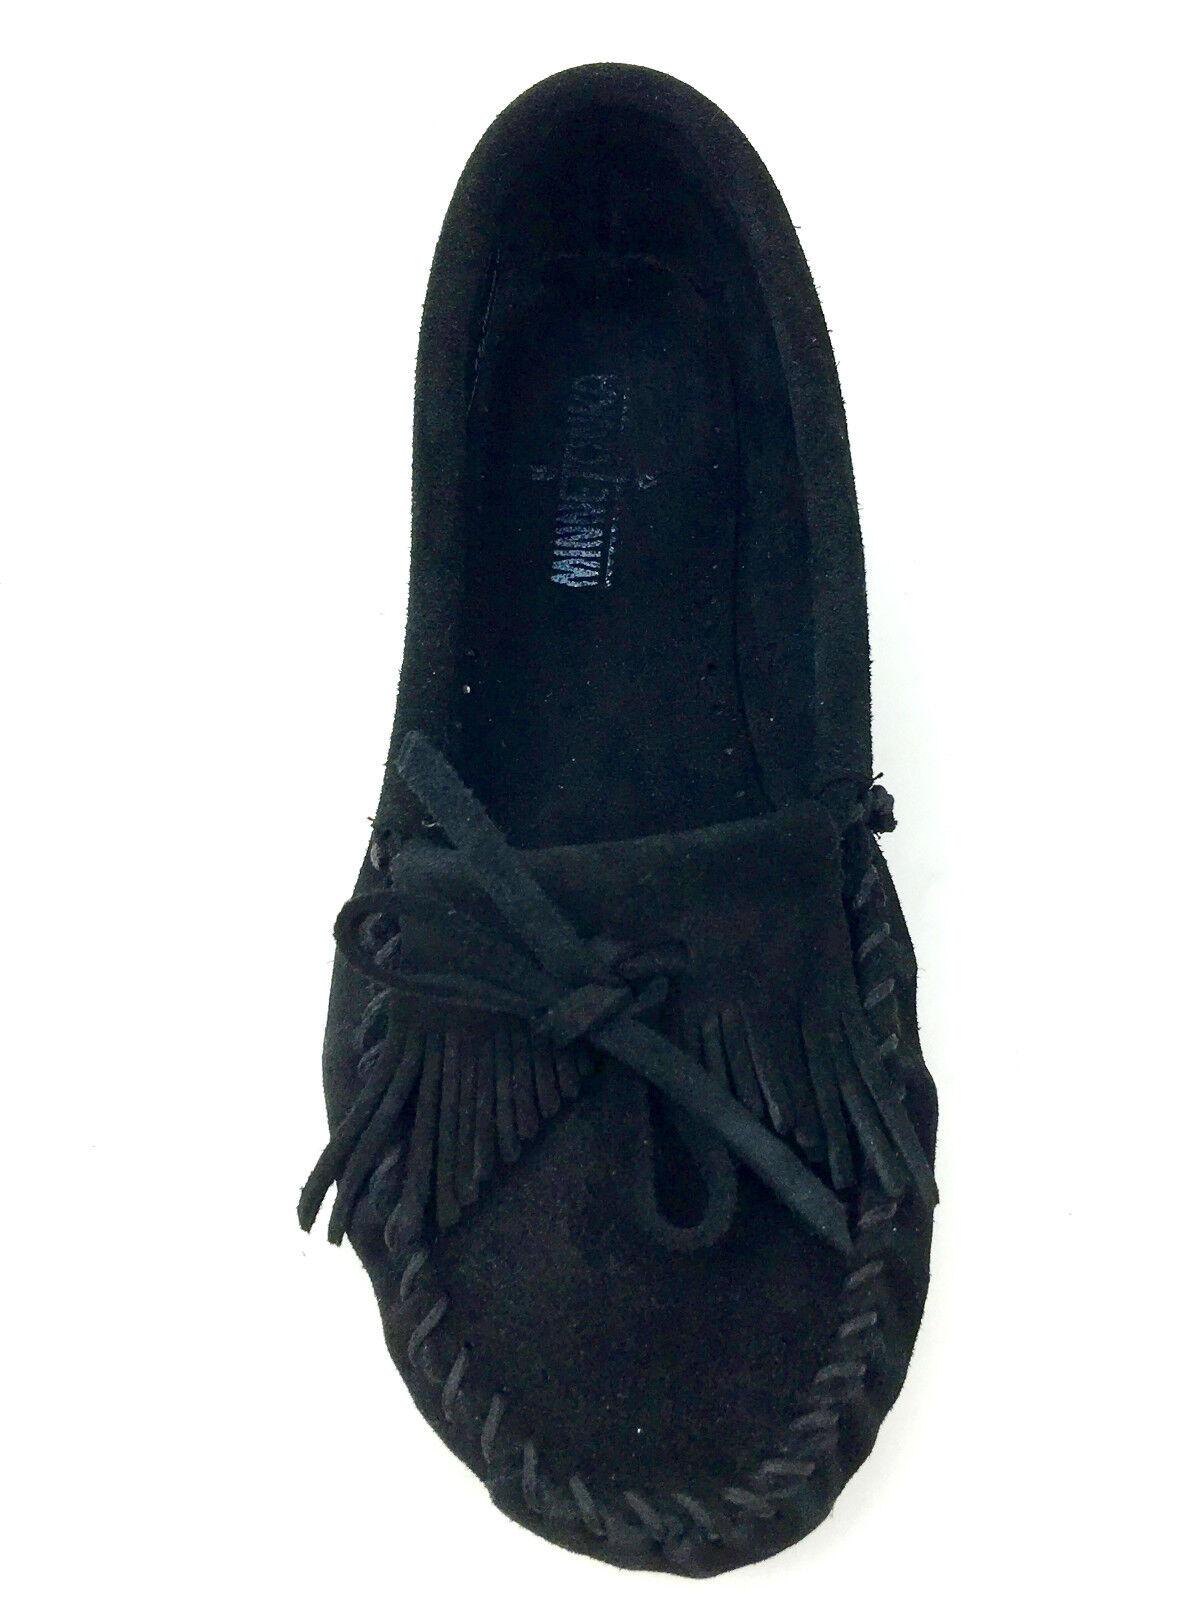 Minnetonka Fringe moccasins Flat shoes Black Size 8.5 USA